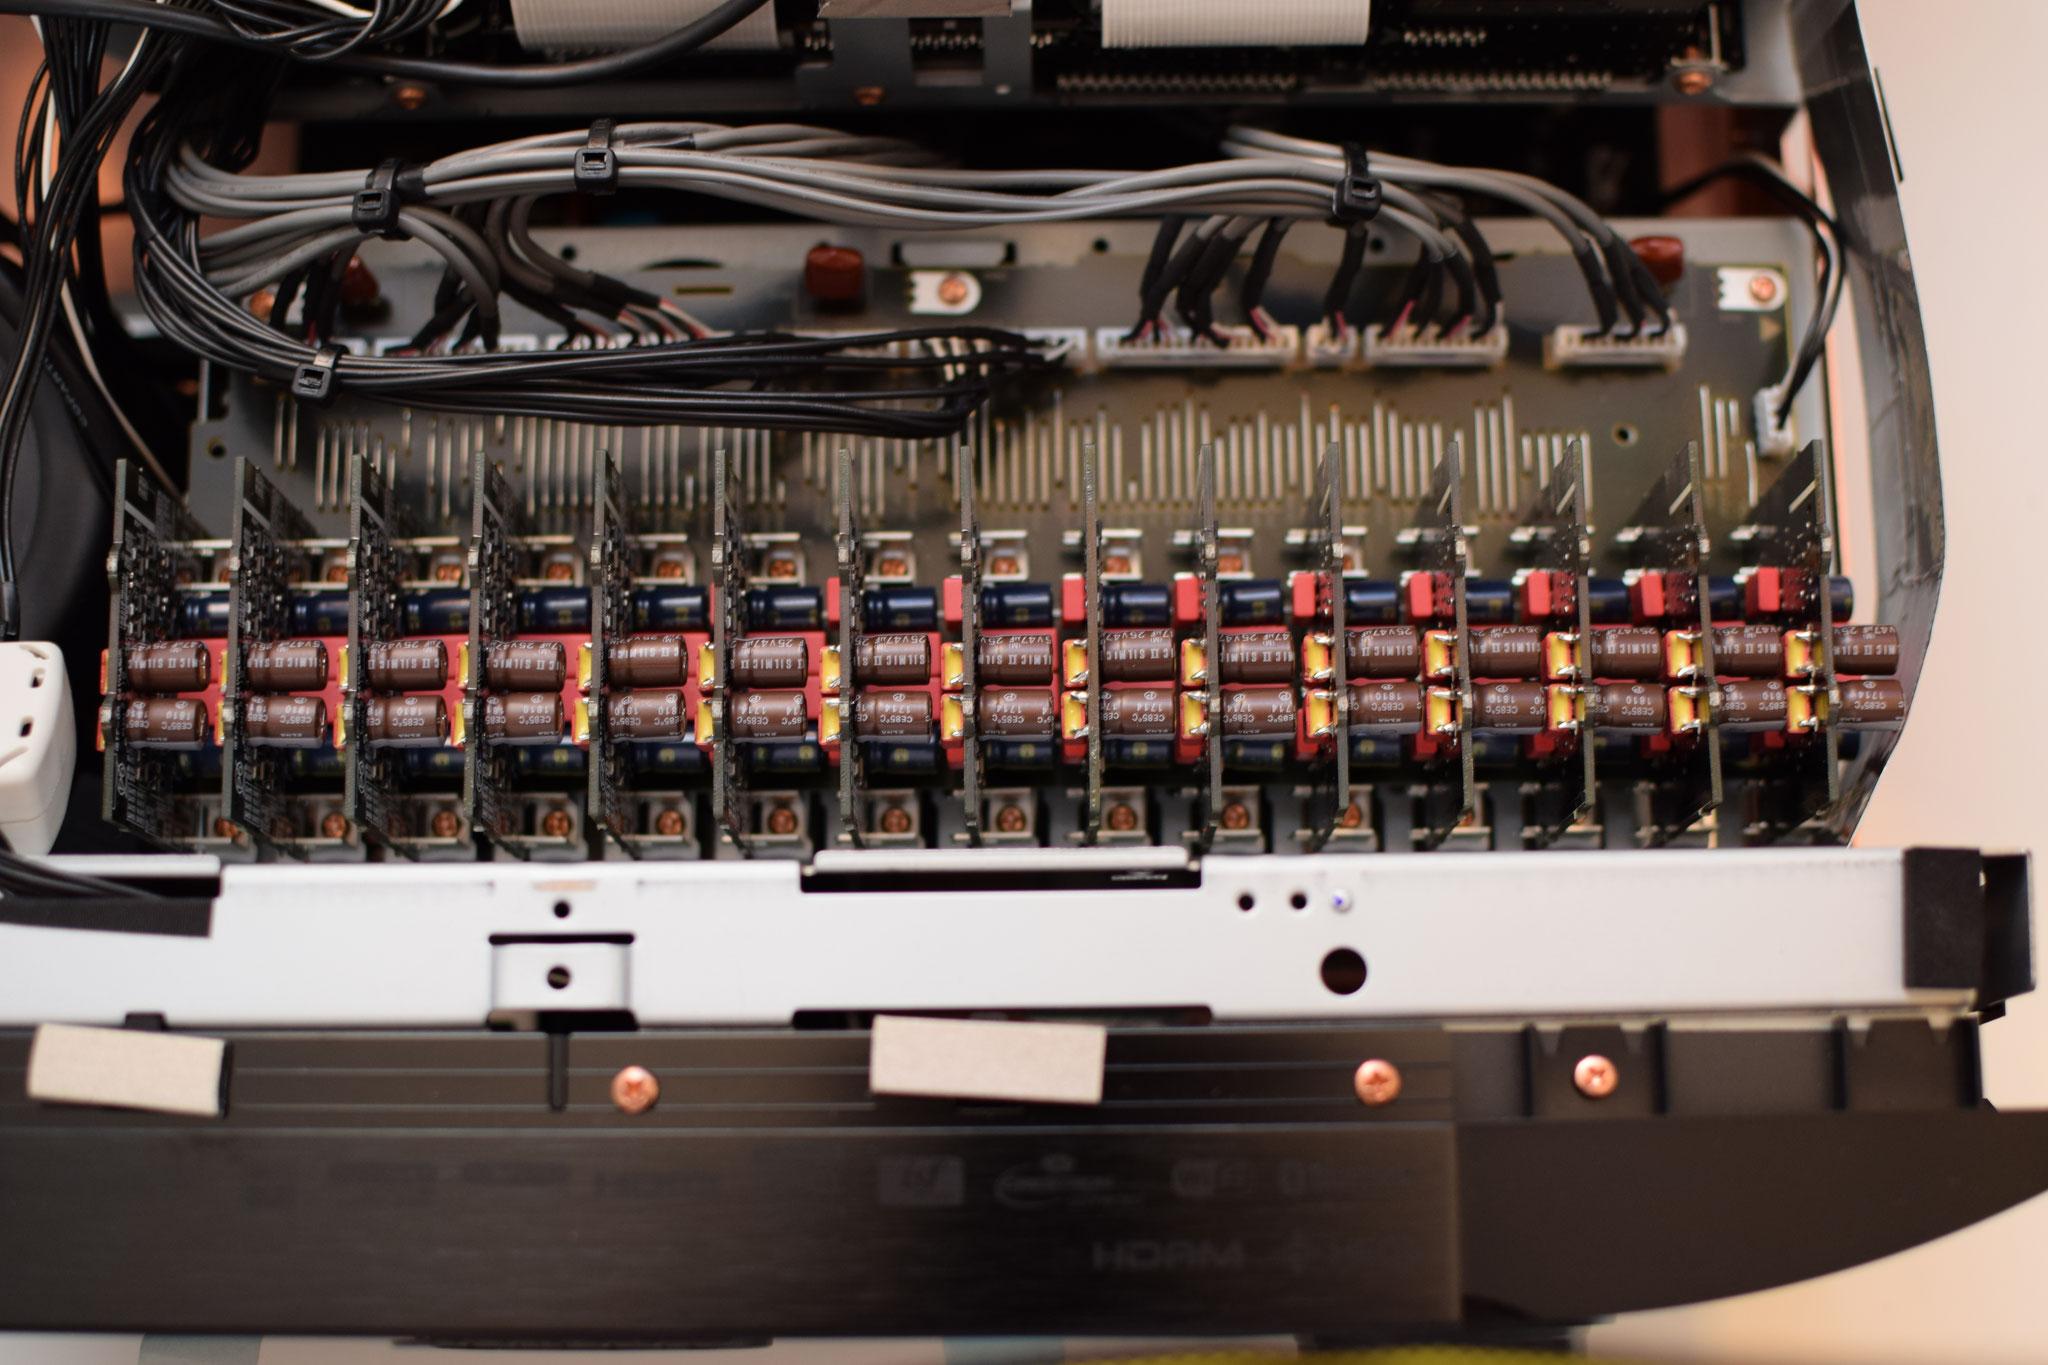 AV8805 HDAM Modul Millimeterarbeit bei der Komponentenauswahl